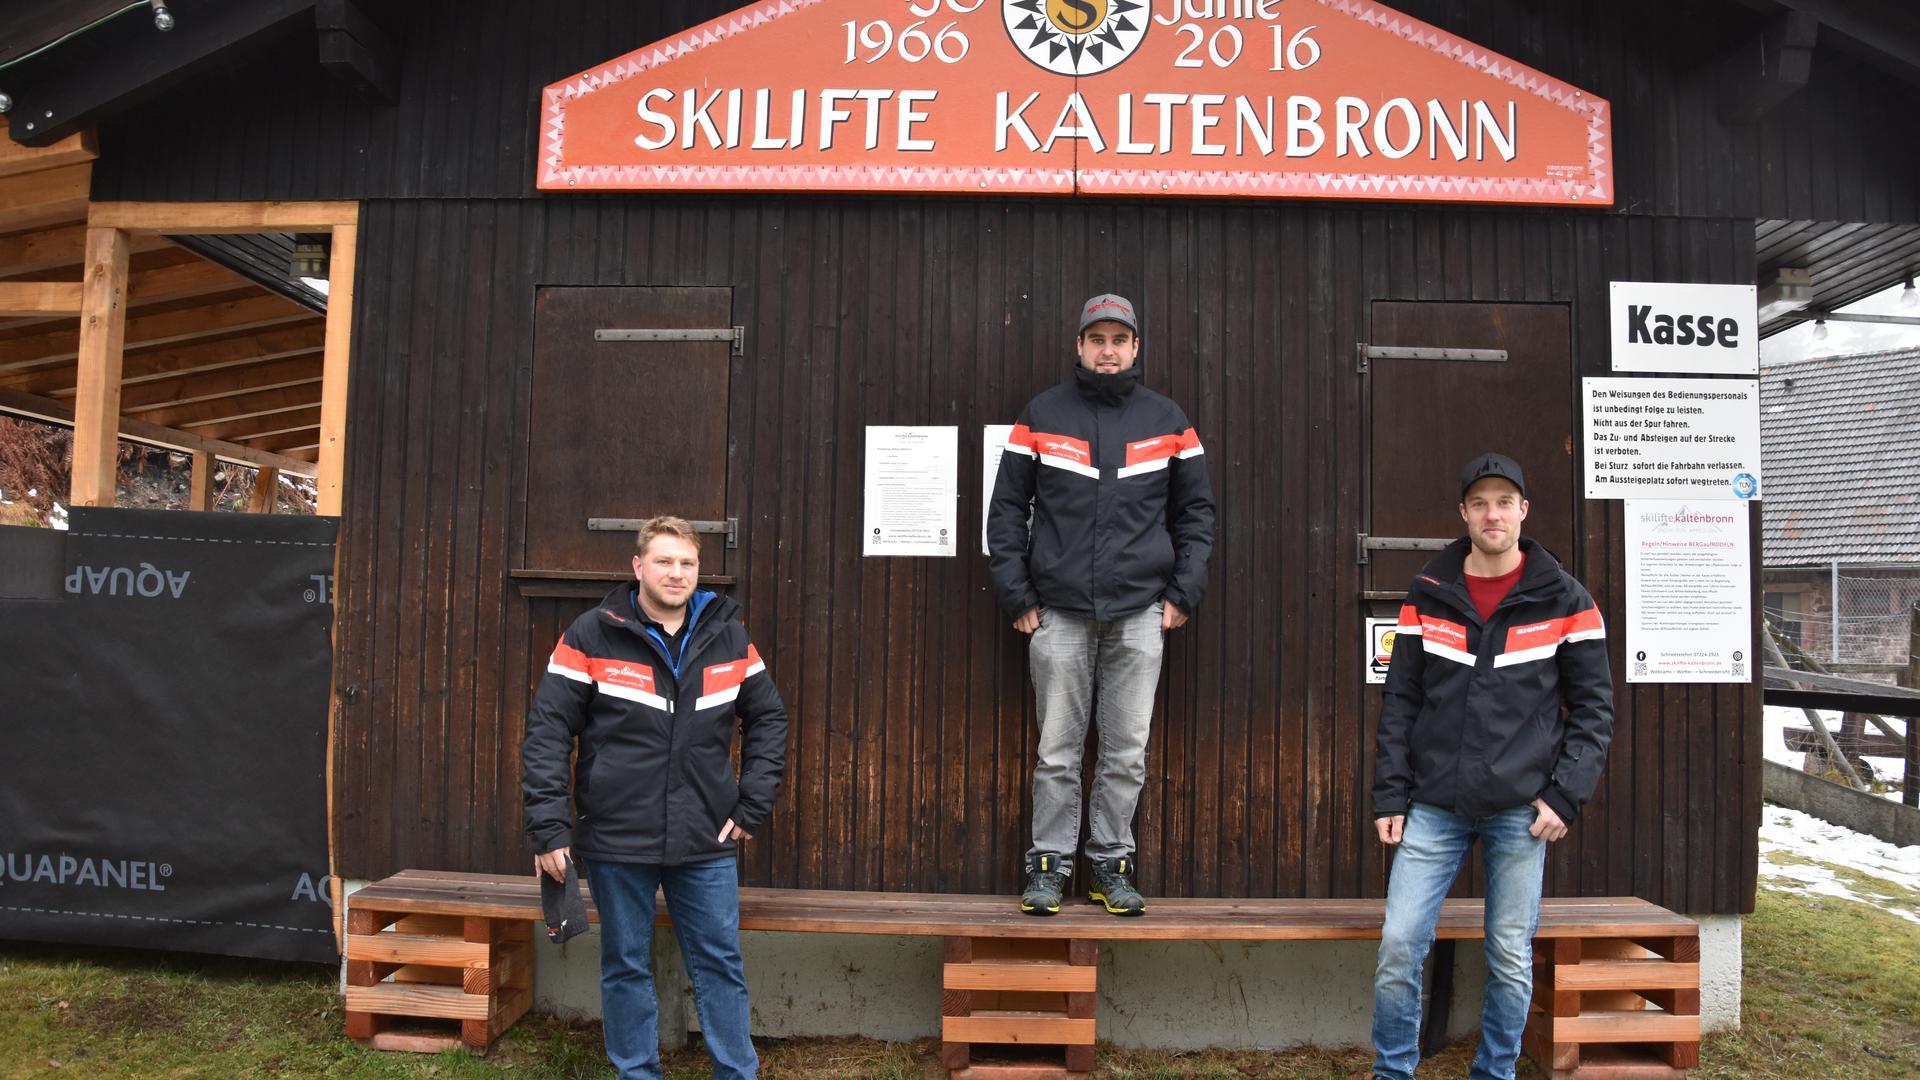 Sven Schlegel, Marc Bopp und Jens Kleinert (von links) am Skilift Kaltenbronn